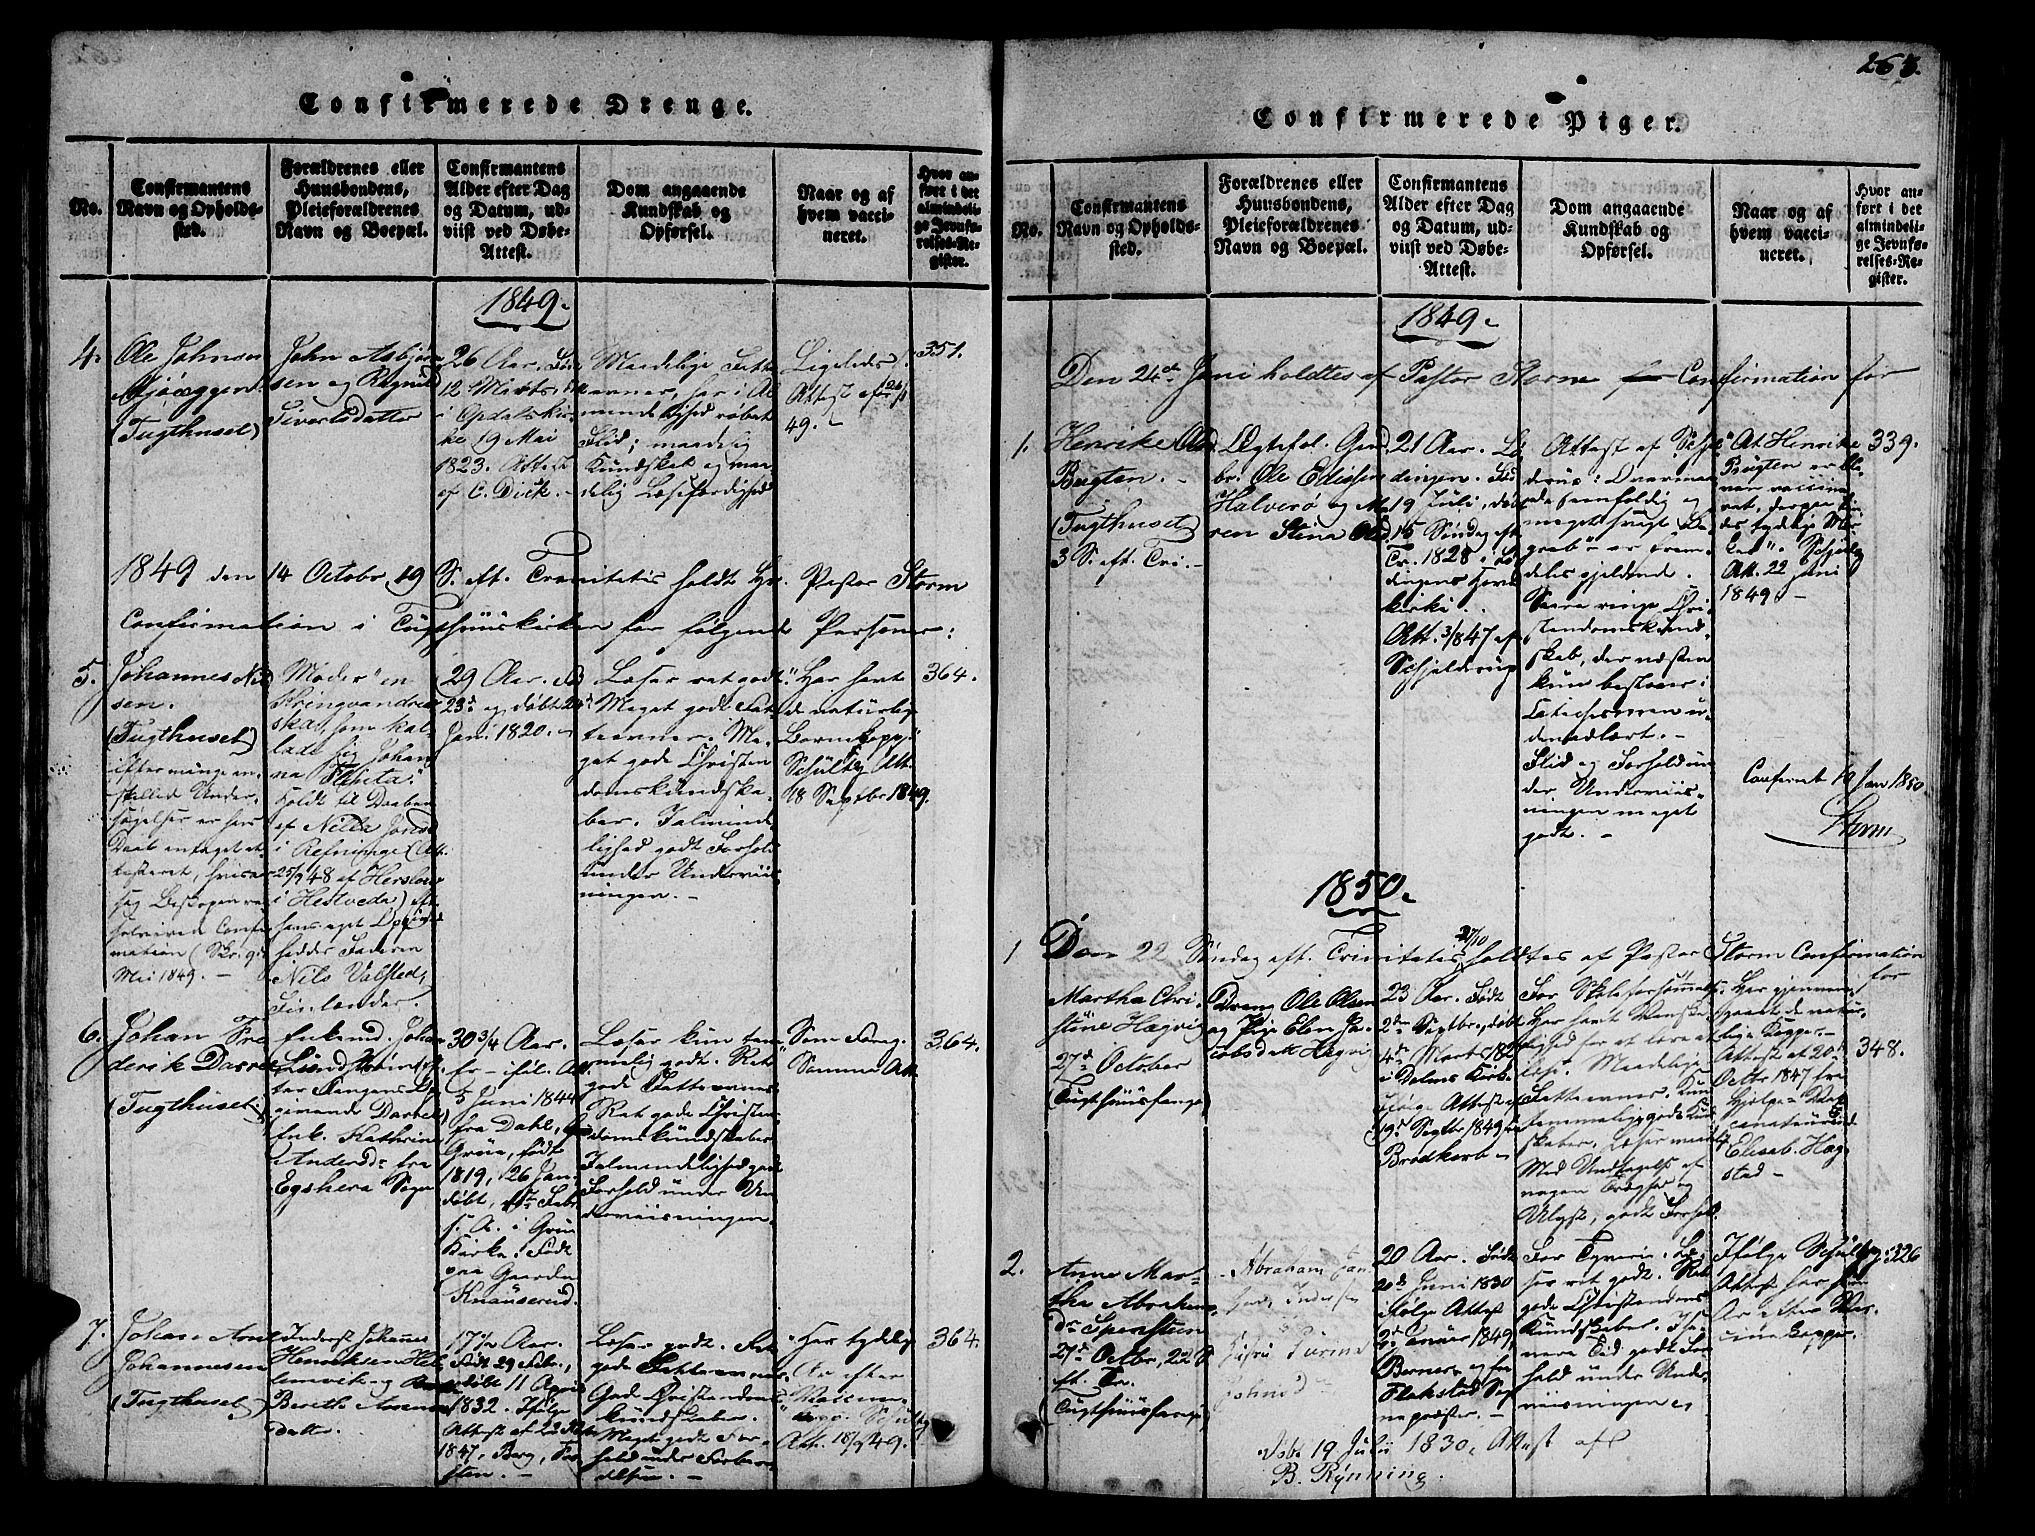 SAT, Ministerialprotokoller, klokkerbøker og fødselsregistre - Sør-Trøndelag, 623/L0478: Klokkerbok nr. 623C01, 1815-1873, s. 263